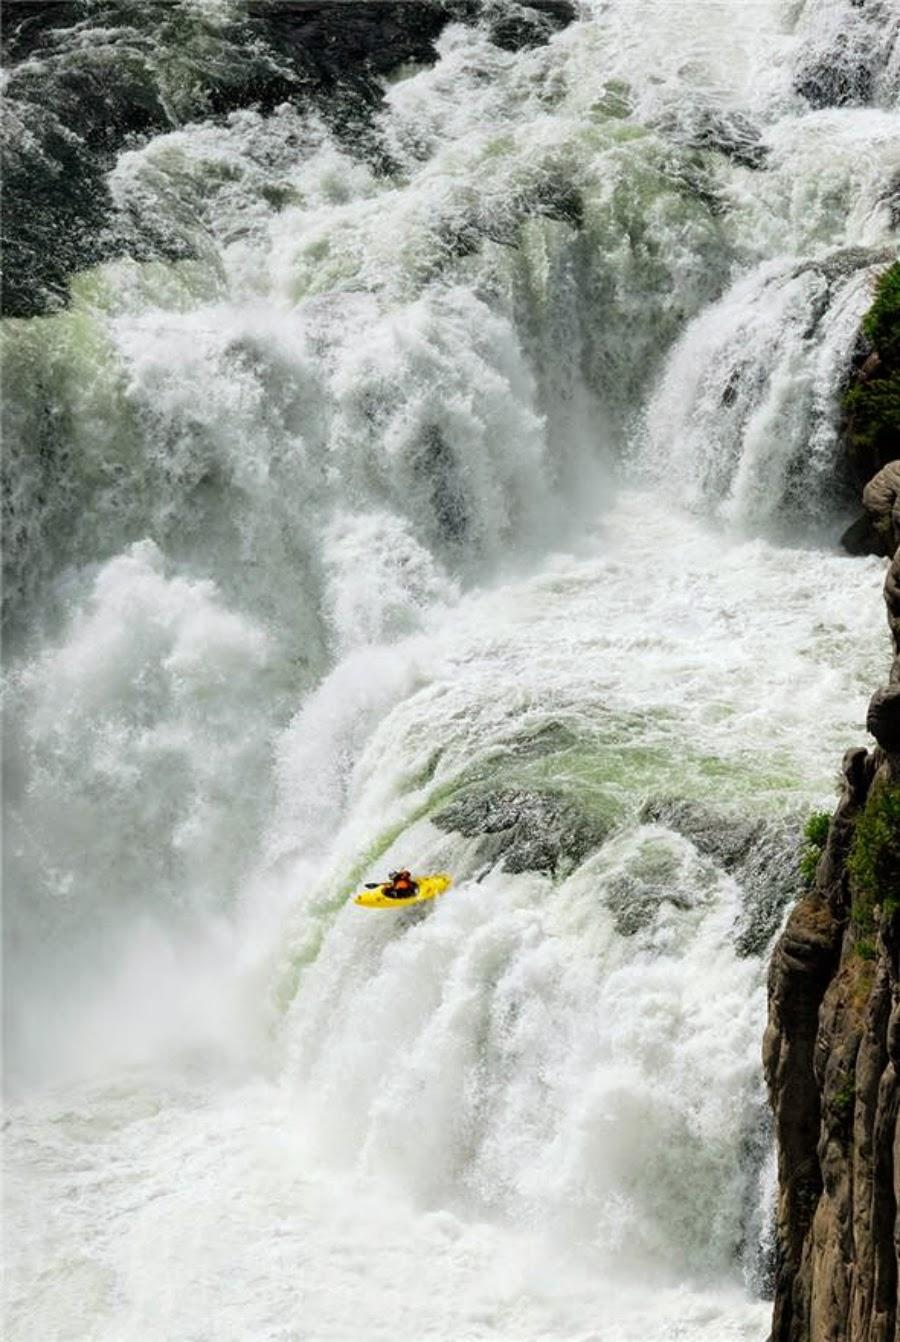 White water kayaking in Chile